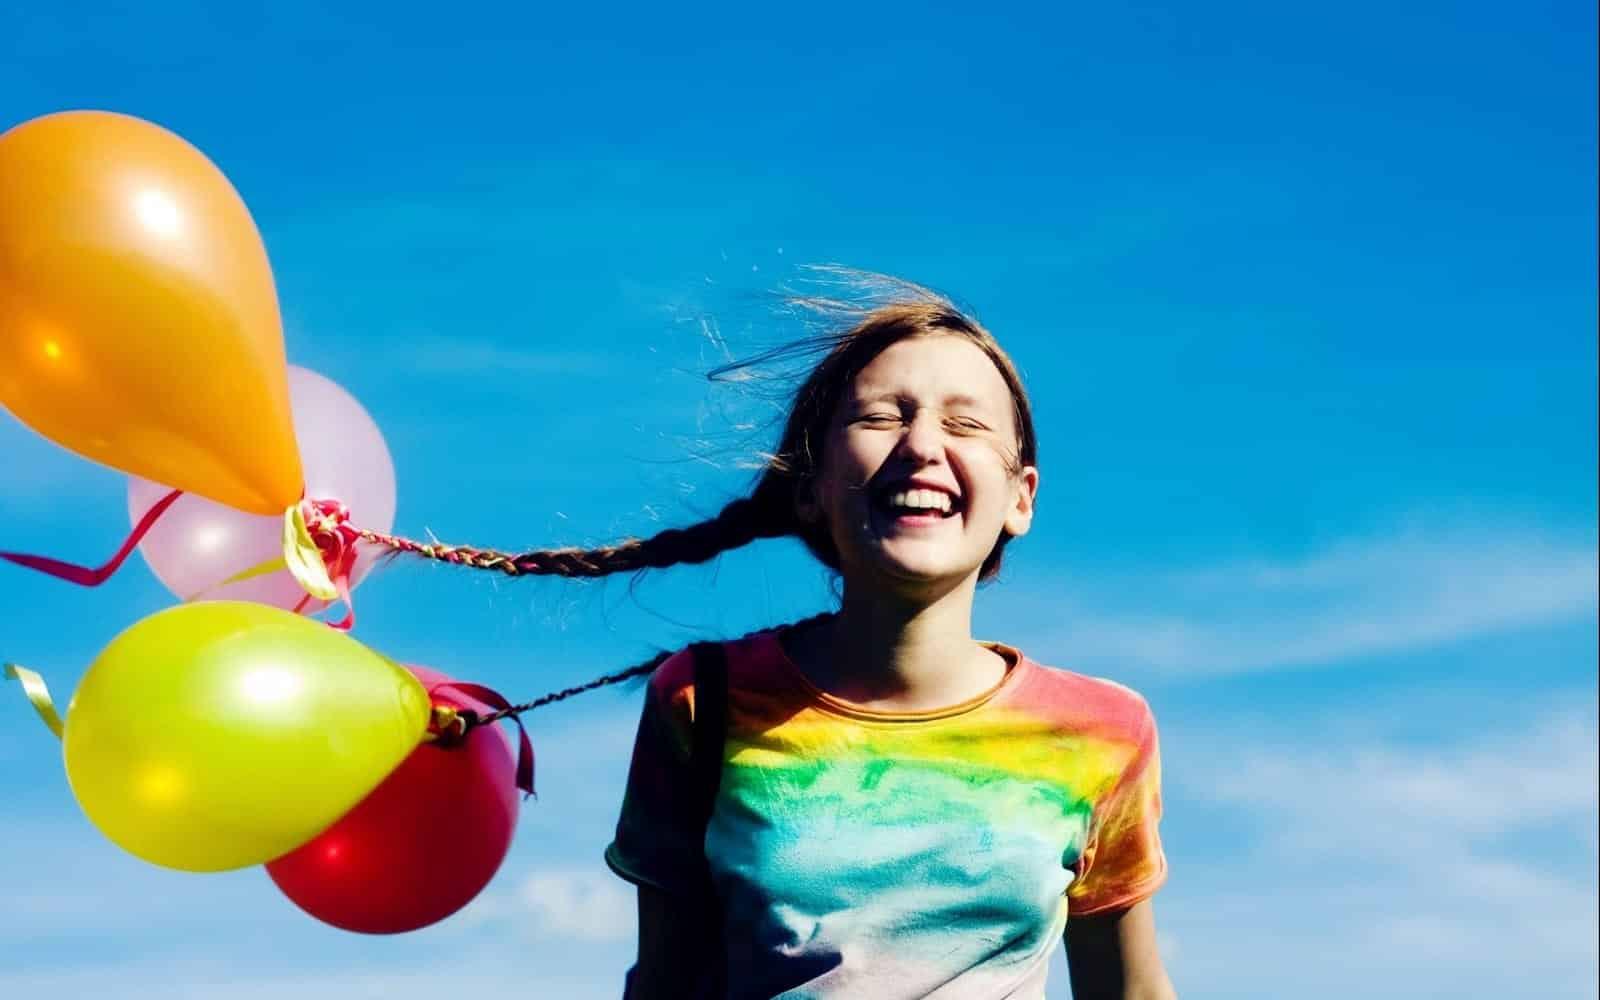 13 atitudes que difere as pessoas felizes das outras